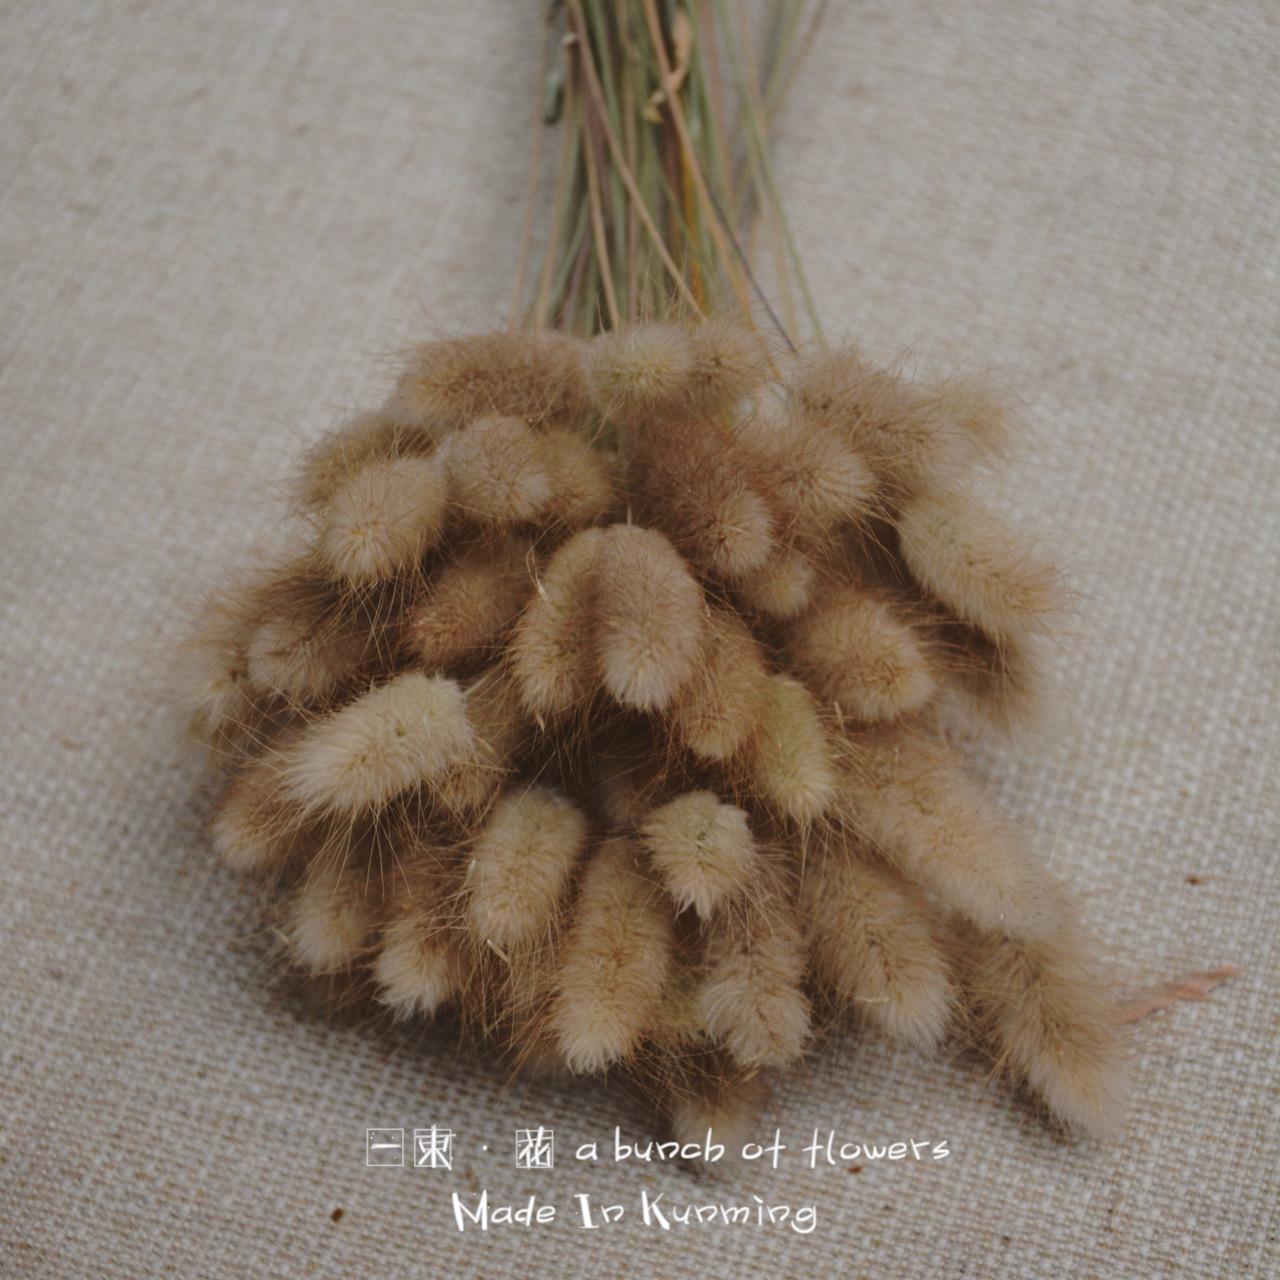 Природный кролик хвост трава сухие цветы букет 10 филиал / 50 филиал / 100 филиал кофе зал магазин цветочная композиция стрельба реквизит